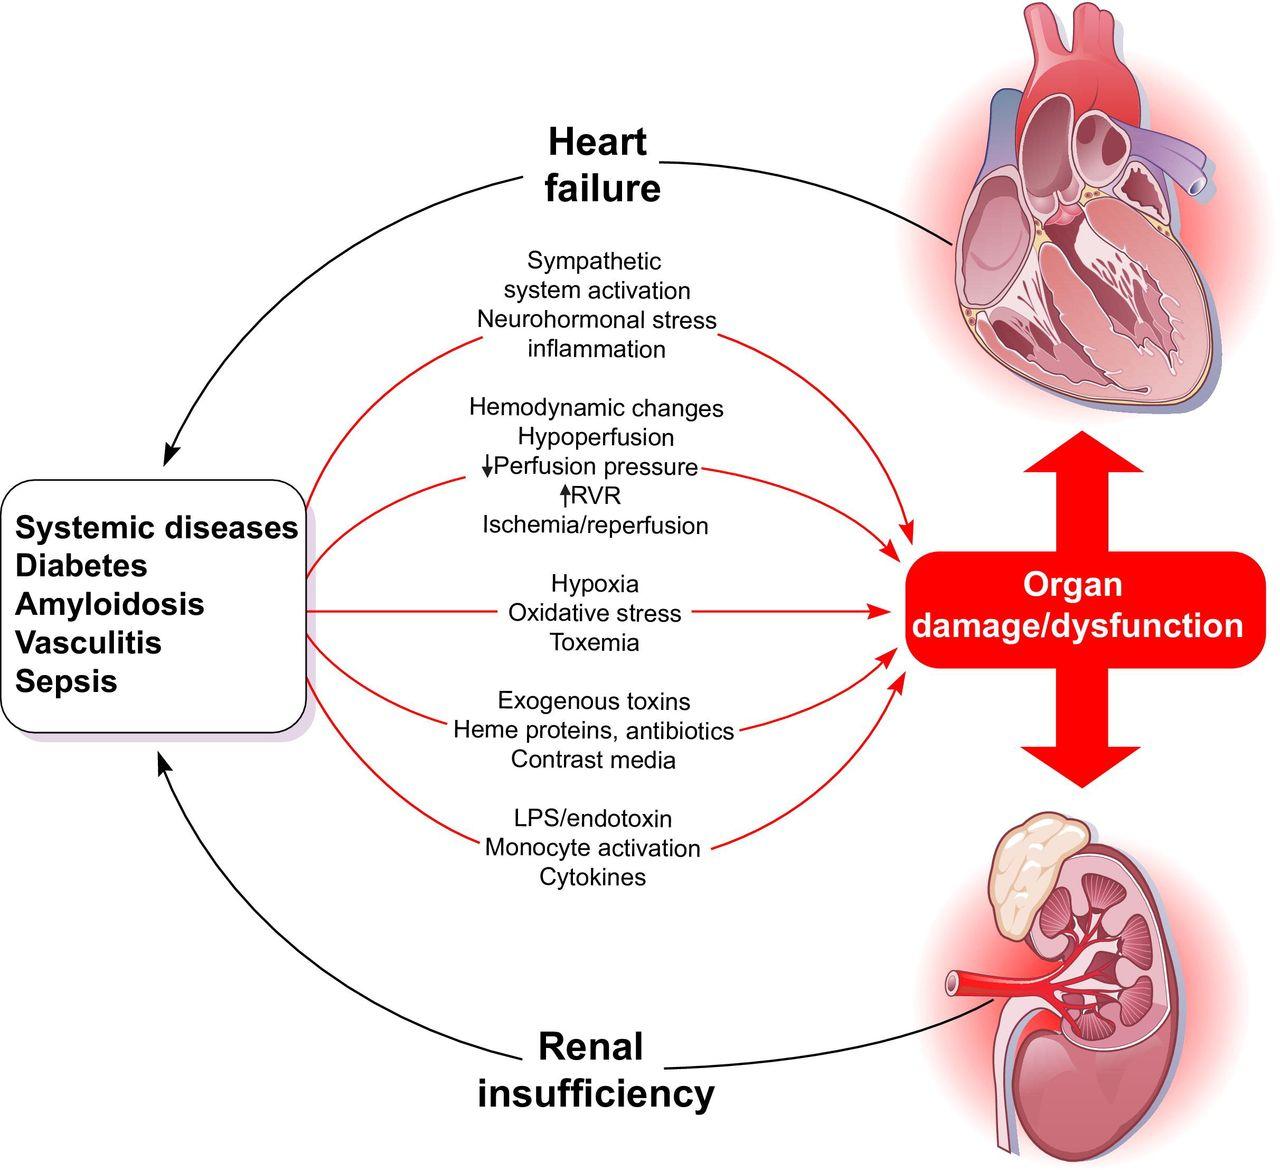 Ilustrarea mecanismelor sindromului cardiorenal